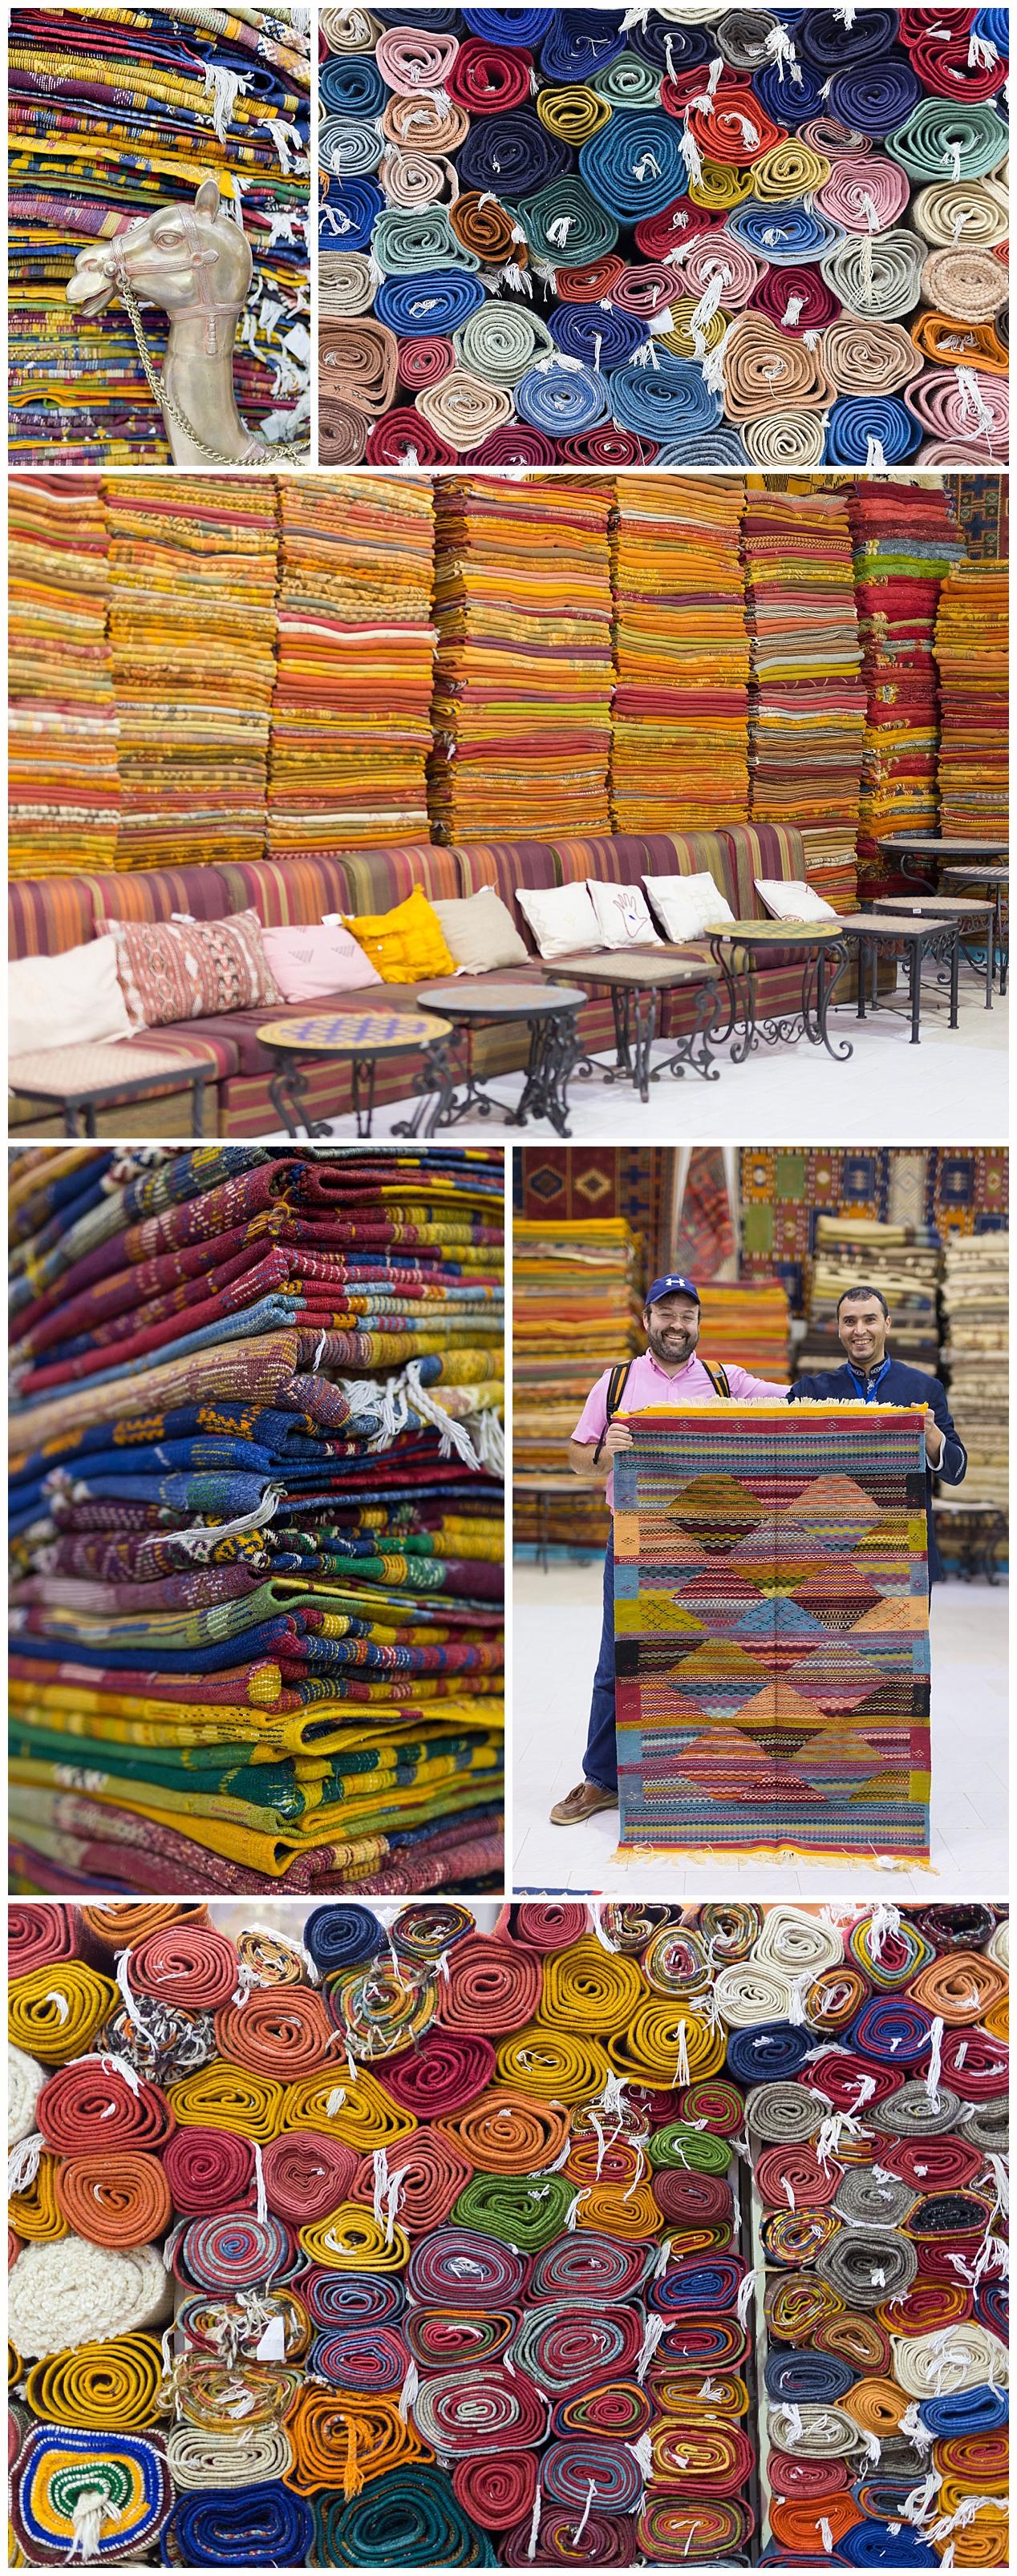 rug shopping in Marrakech, Morocco